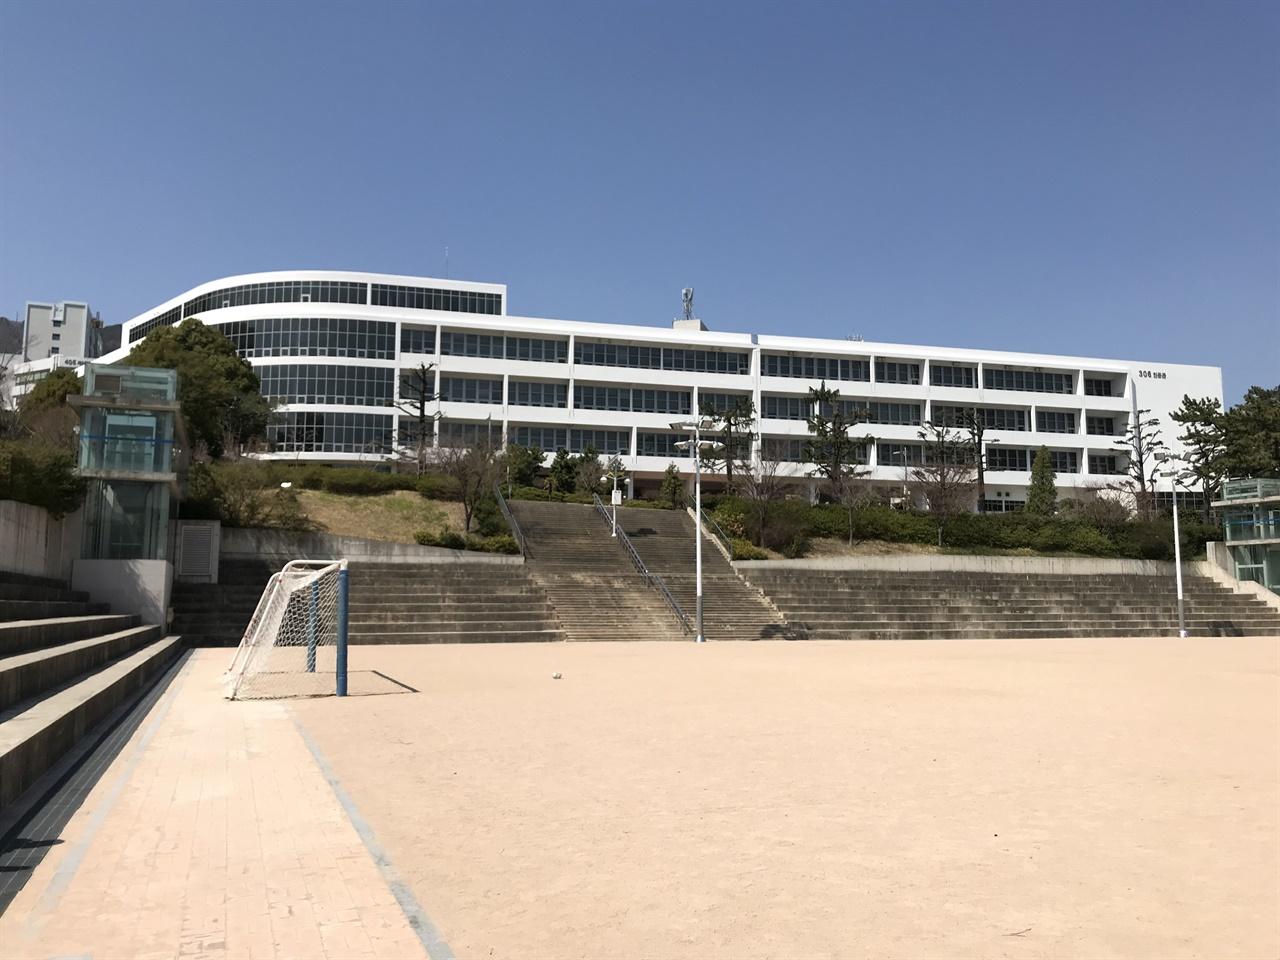 부산대학교 인문관 부산대 본관으로 지은 건물이다. 1956년 건축가 김중업이 설계해서 1957년 9월 공사를 시작, 1959년 10월 완공한 건물이다. 1층은 사람들이 편하게 지날 수 있도록 필로티로 구성했다. 건물이 곡면으로 휘는 부분에 출입구와 중앙 계단, 전면 유리를 배치했다. 중앙 계단을 통해 오르내릴 때 유리를 통해 파노라마로 펼쳐지는 전망을 접할 수 있다. 계단실 뒤편으로 모자이크 창을 내서 조형미를 강조했다. 서강대 본관, 제주대 본관과 함께 김중업이 지은 3대 대학 건축물로 꼽힐 곳이다. 부마항쟁 당시 계엄군의 지휘본부로 쓰이기도 했다. 인문관 앞 운동장은 넉넉한터다. 2015년 8월 17일 총장 직선제를 주장하며 본관 4층에서 투신 사망한 부산대 고현철 교수의 추모 조형물도 인문관 앞에 있다.